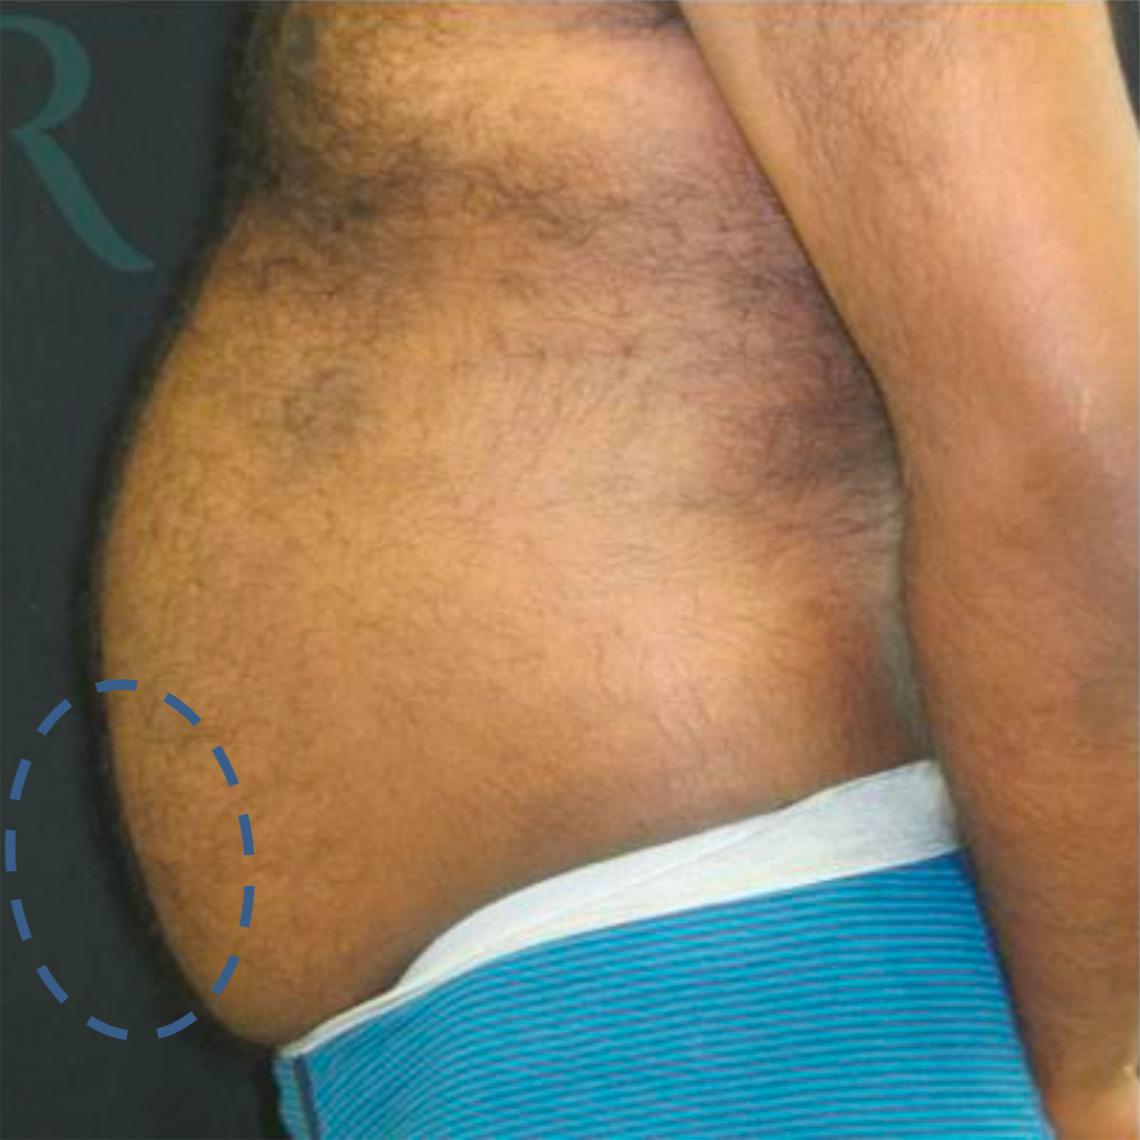 Before-Männlich, 41 Jahre, 1 Behandlung, 8 Wochen später